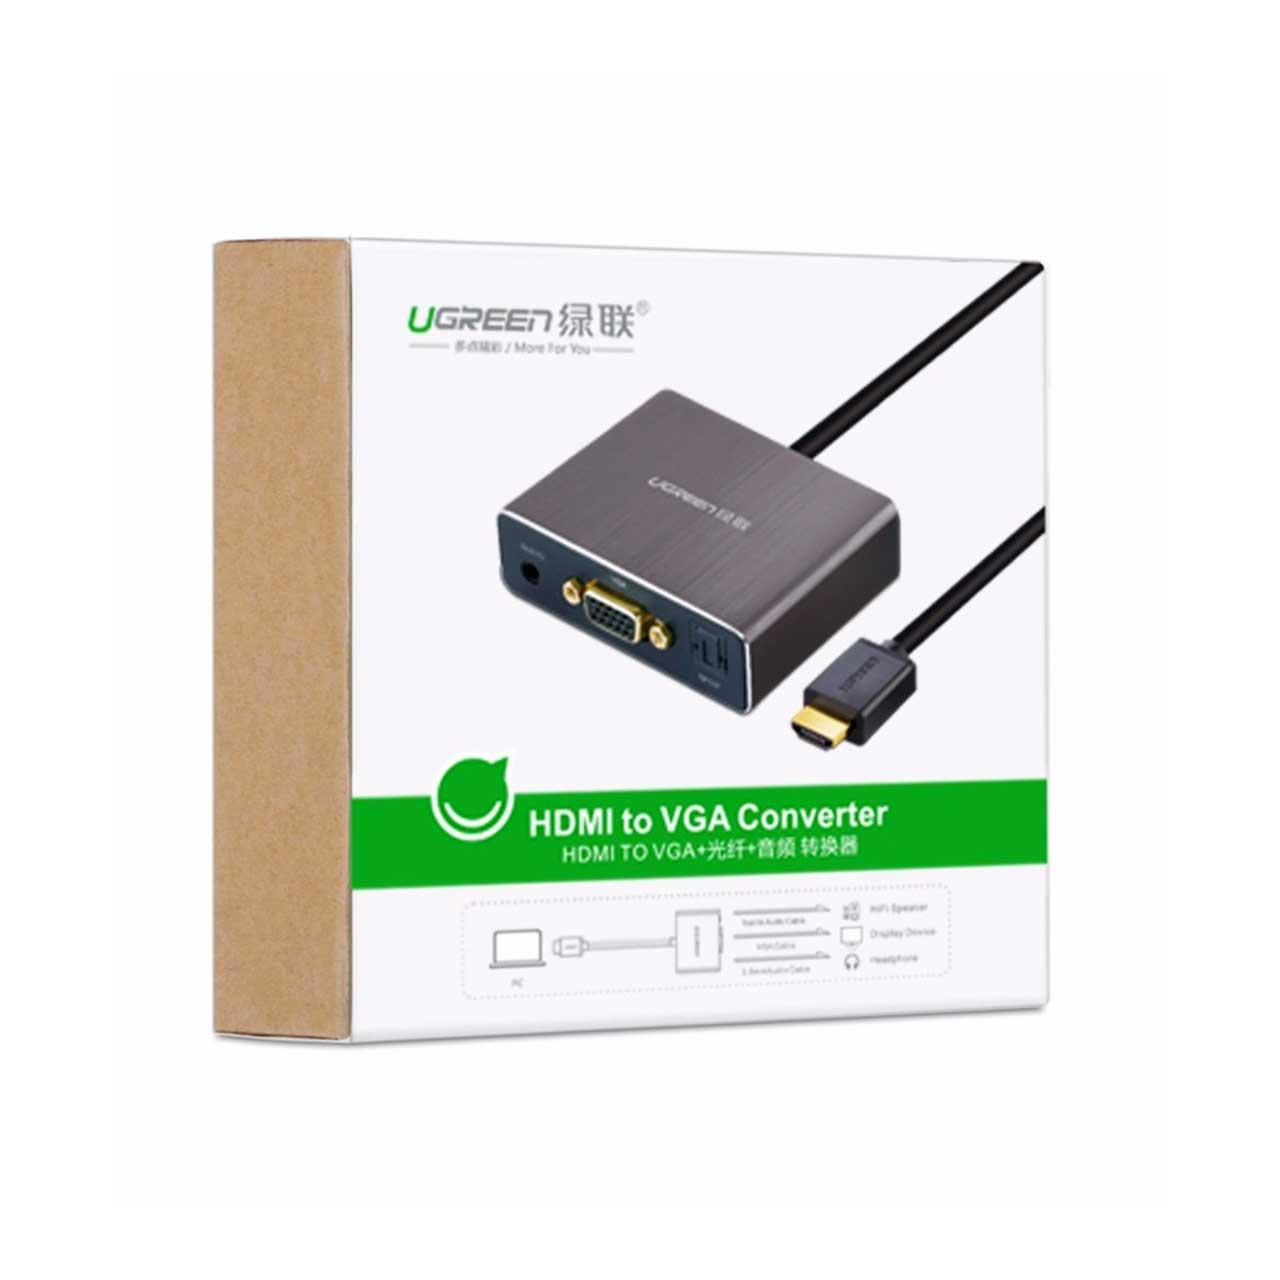 مبدل HDMI به VGA به همراه خروجی AUX + Optical برند UGREEN